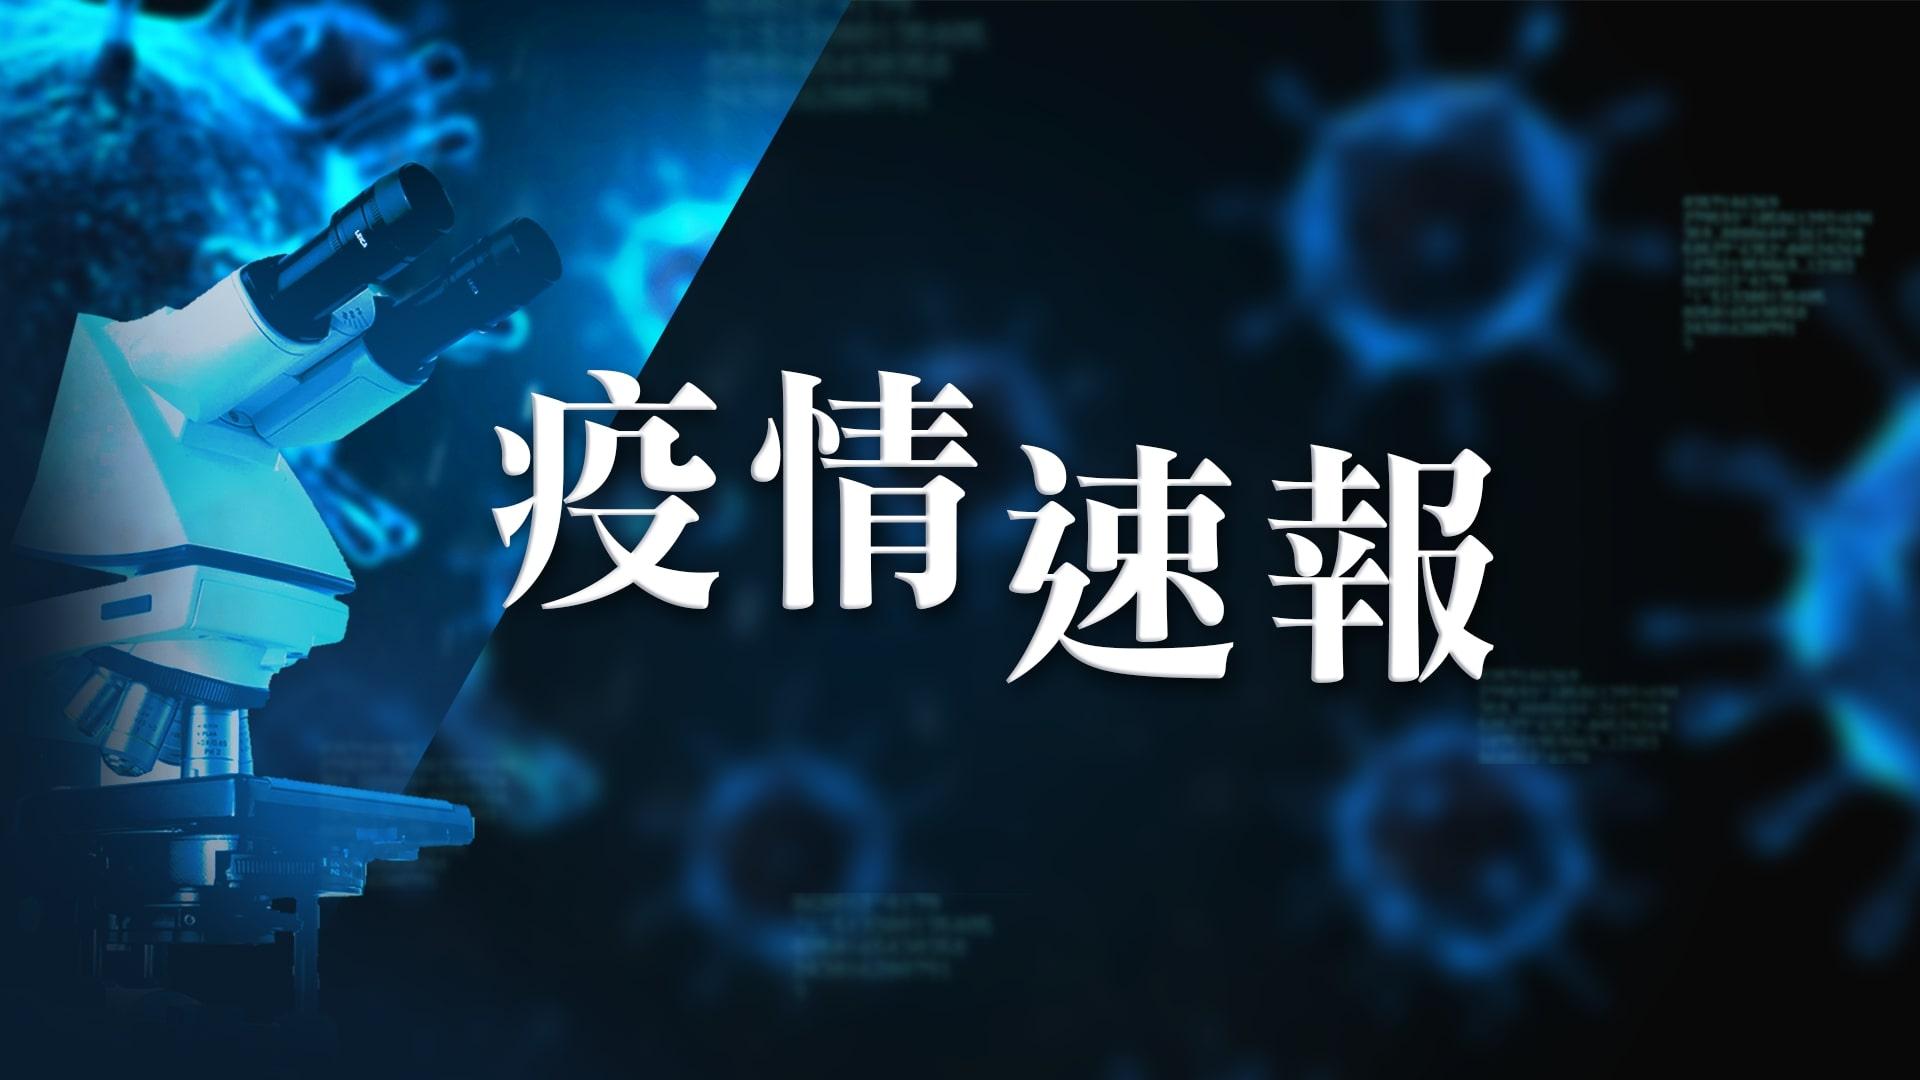 【2月17日疫情速報】(21:20)